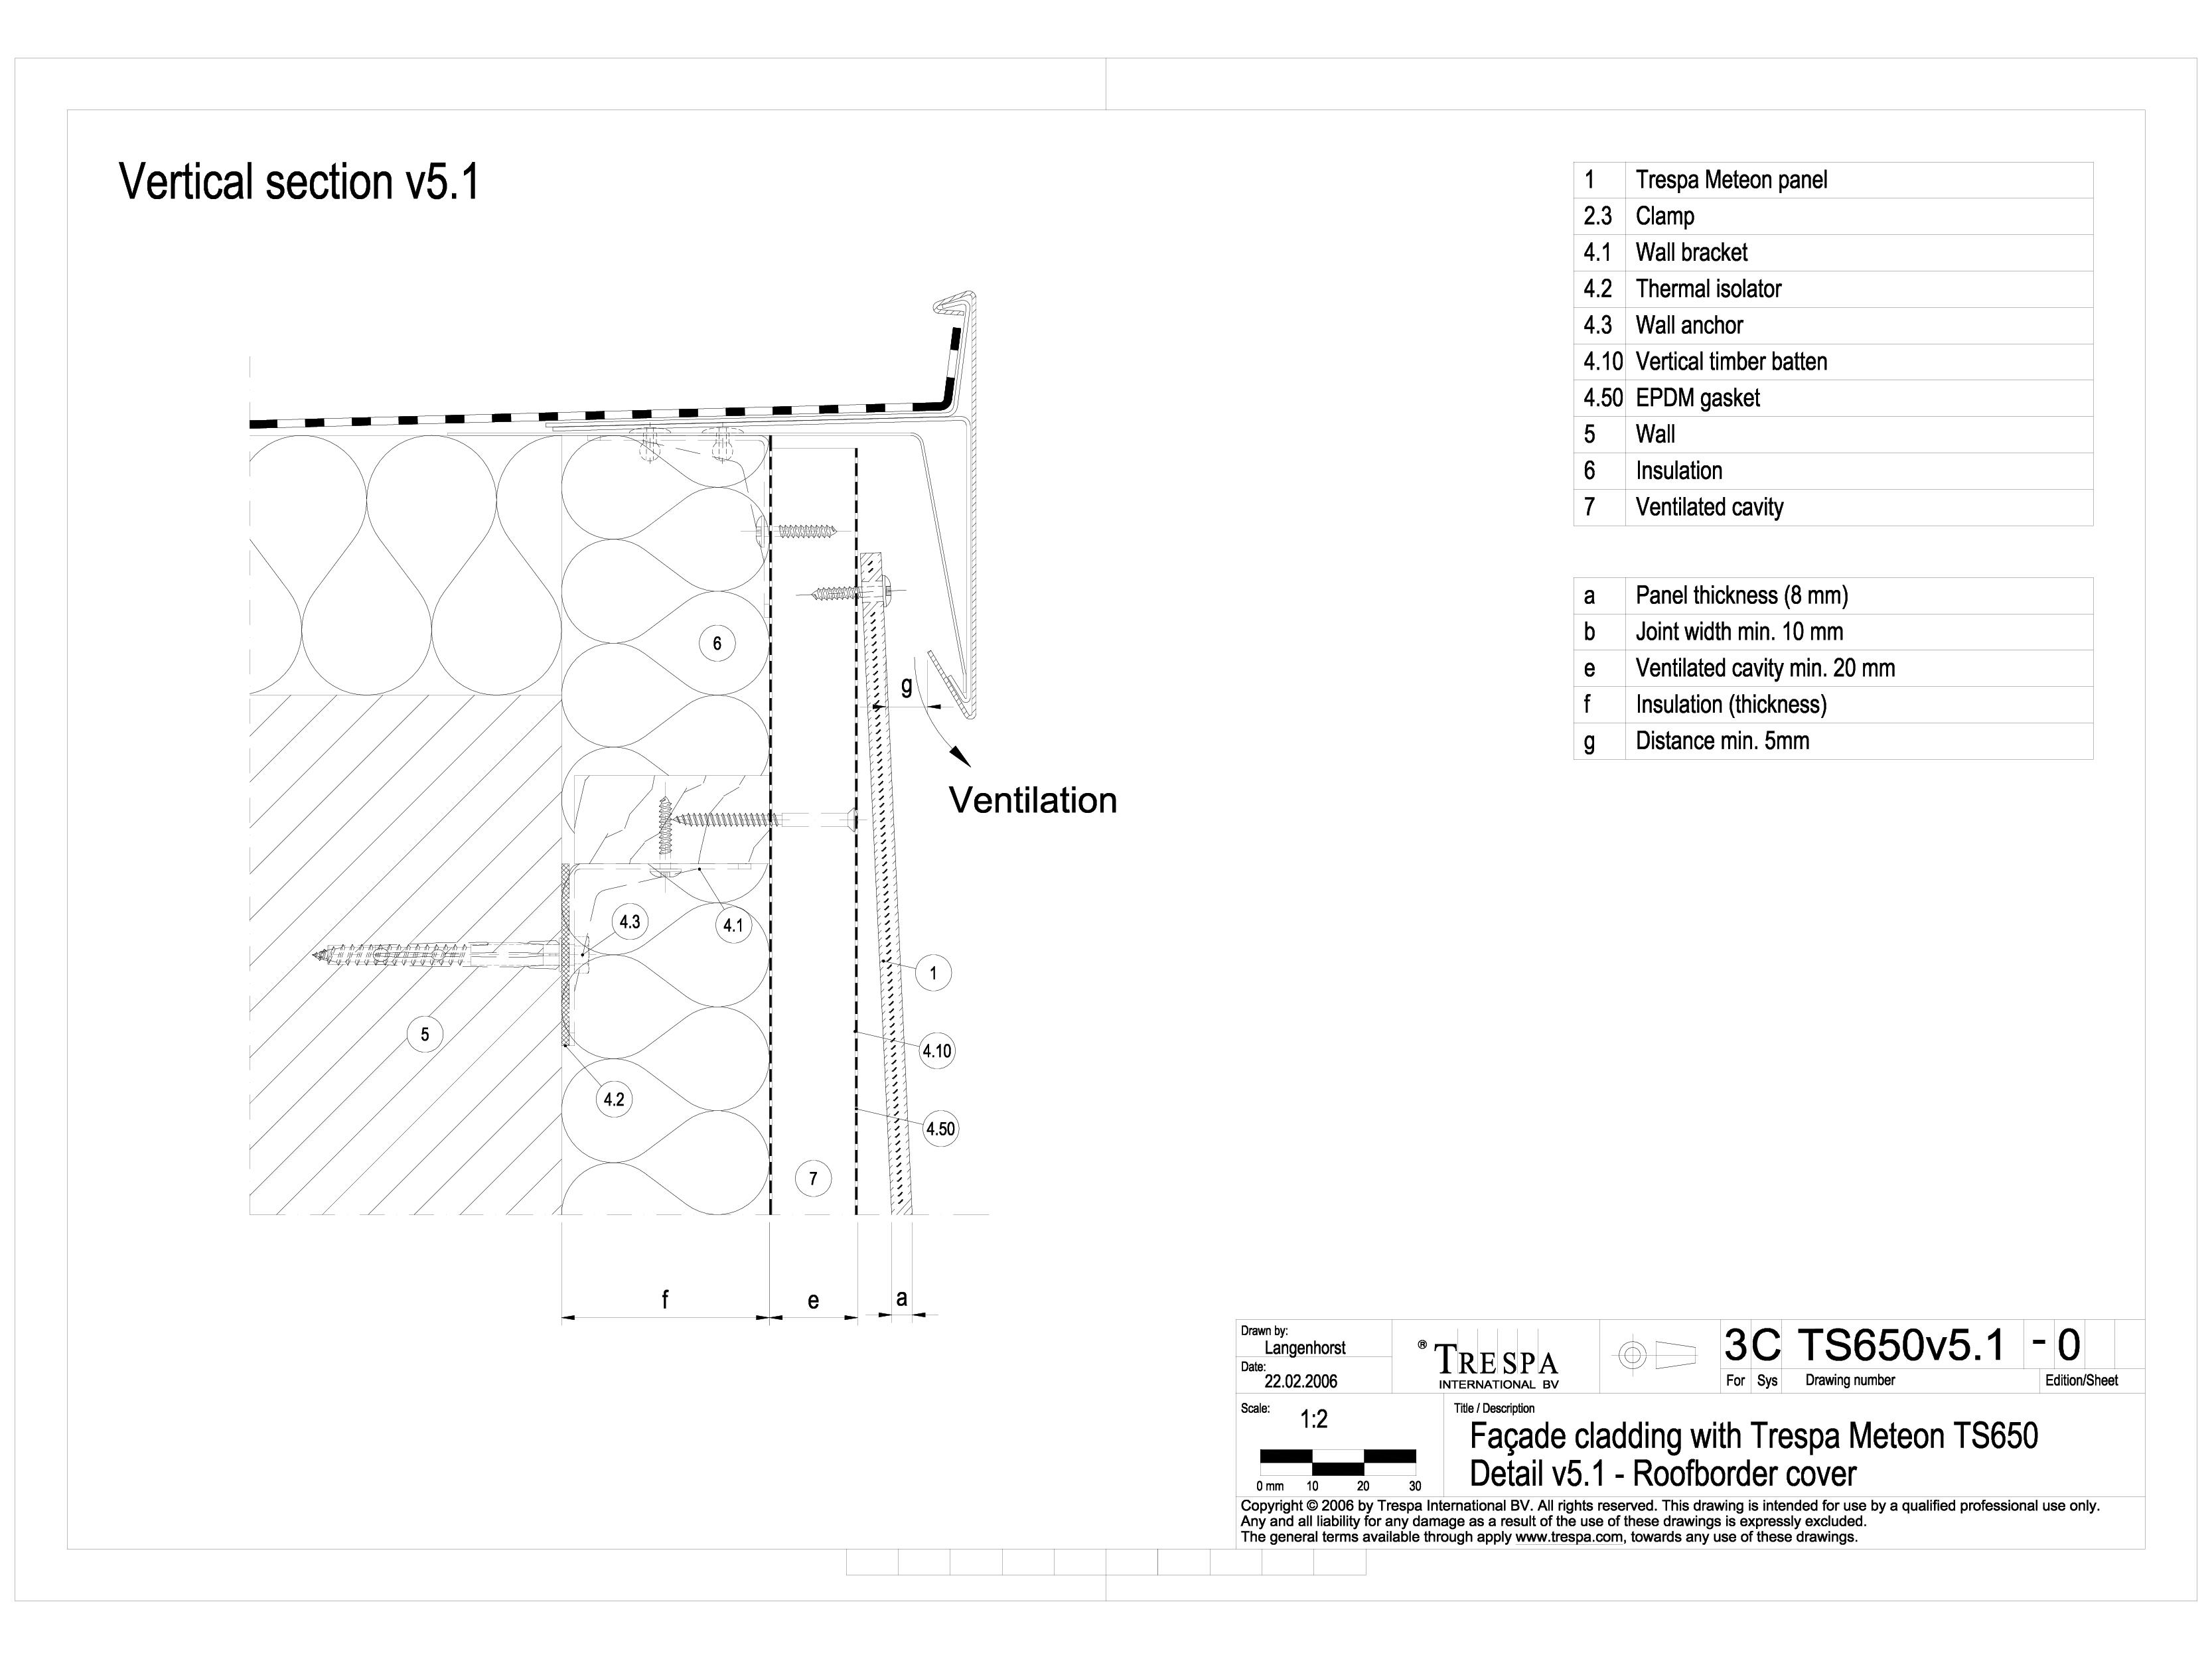 Sisteme de prindere fatade ventilate cu clame, detaliu de racordare la invelitoare METEON TRESPA Placi HPL pentru fatade ventilate GIBB TECHNOLOGIES  - Pagina 1